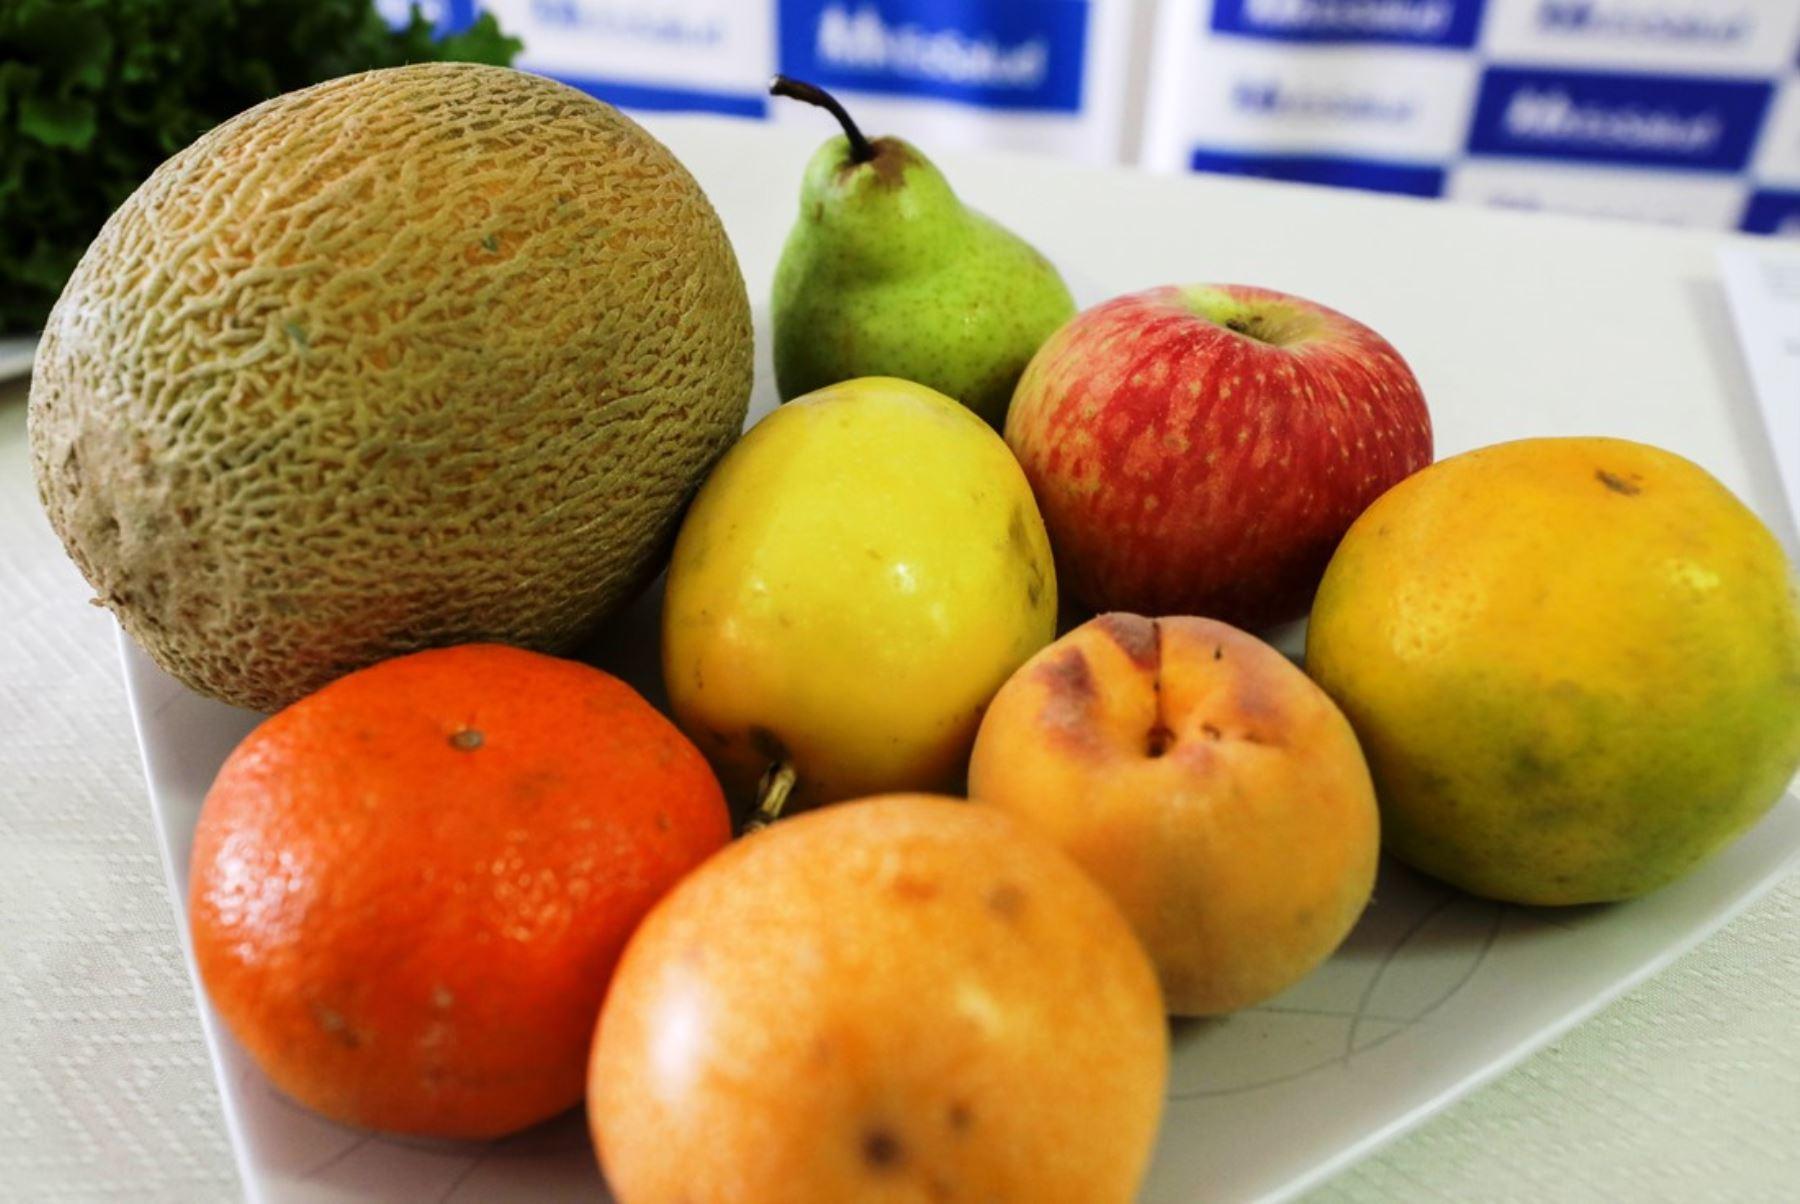 Salud mental: conoce los alimentos que ayudan a combatir la ansiedad y depresión. Foto: ANDINA/Difusión.